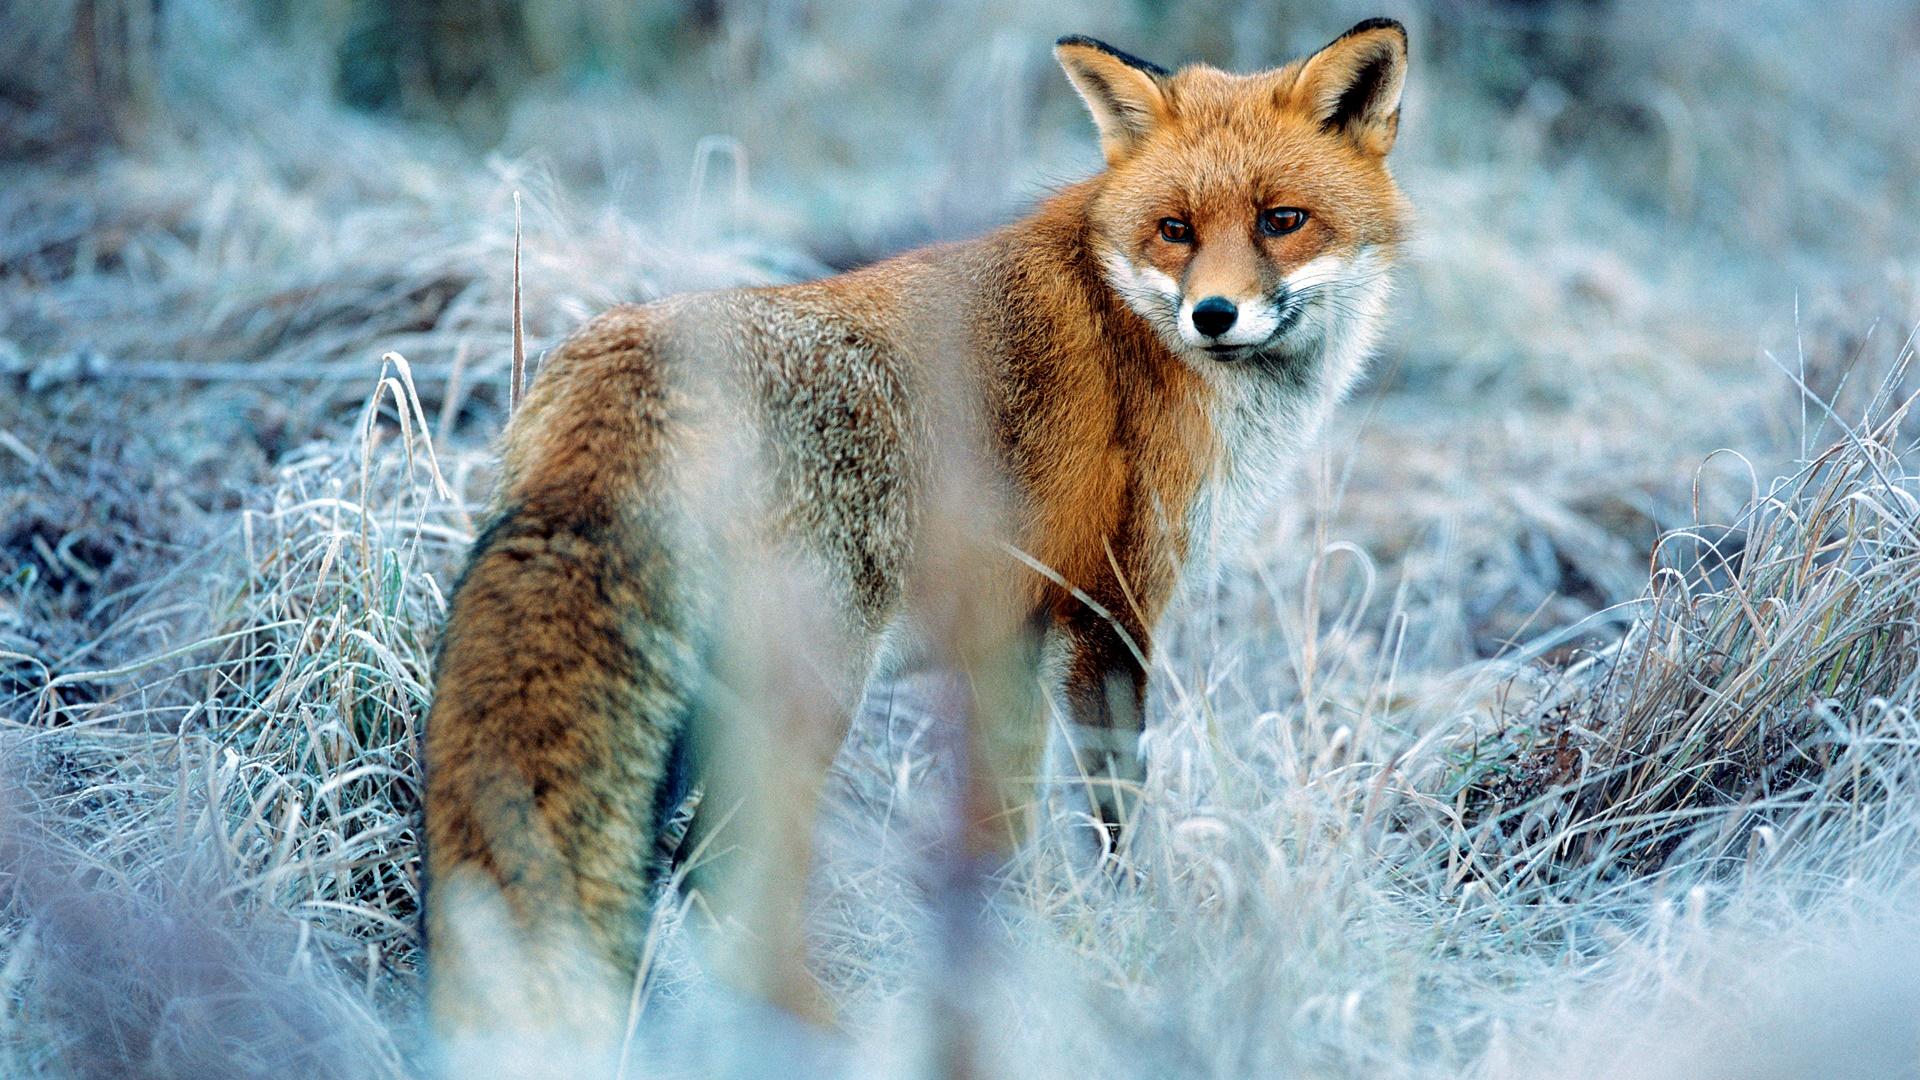 Red fox in winter wallpaper